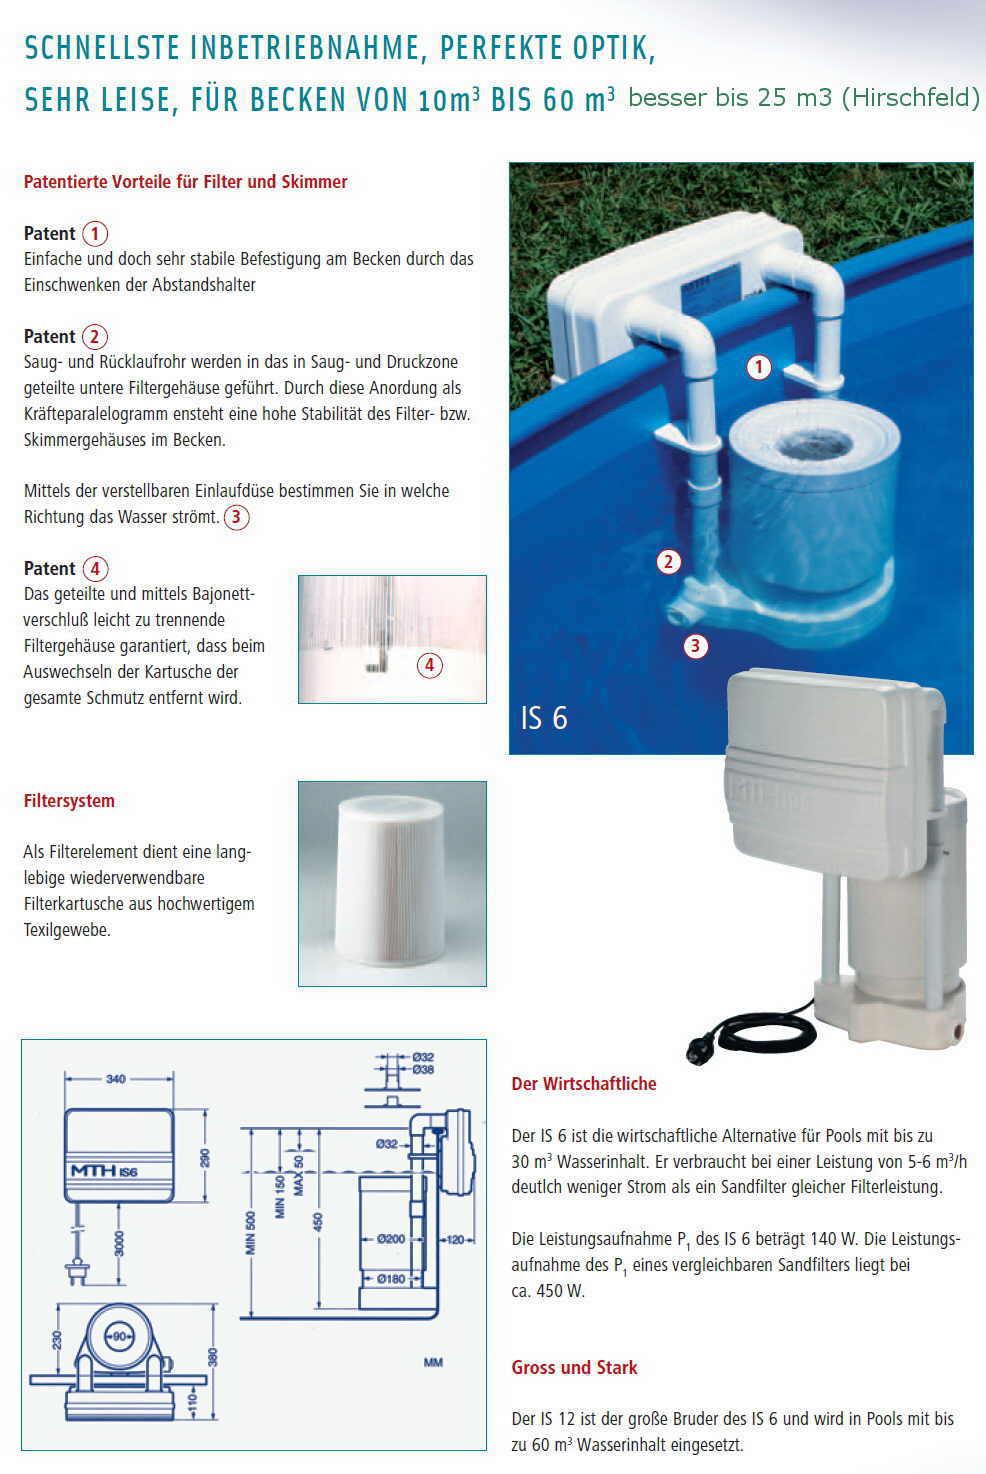 Kartuschen einh nge filteranlage is 6 for Schwimmbad filteranlage